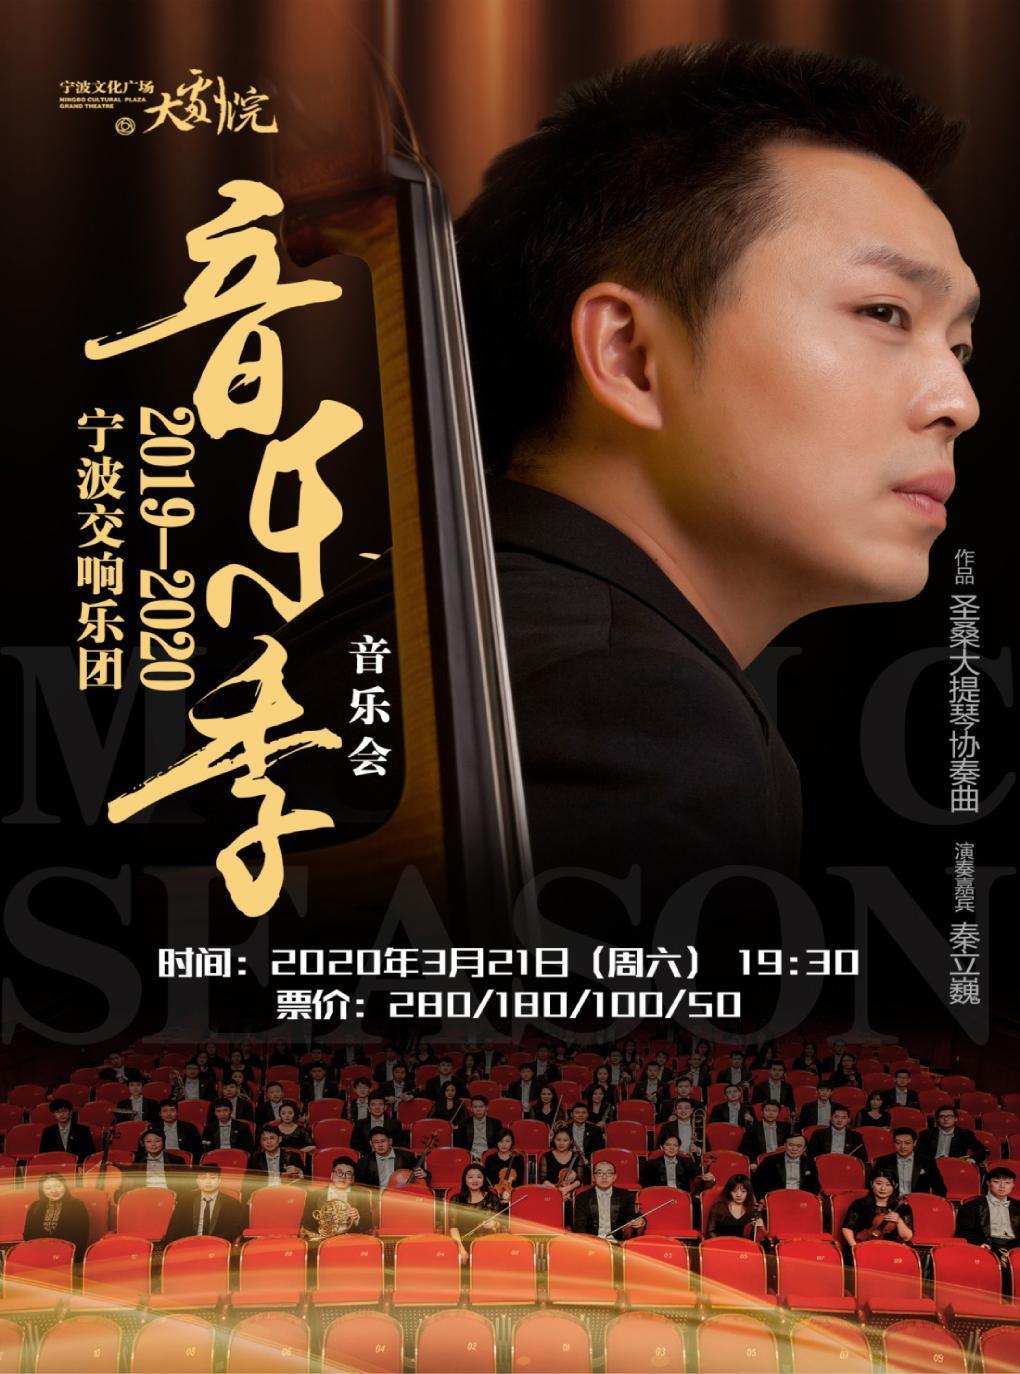 宁波交响乐团音乐会